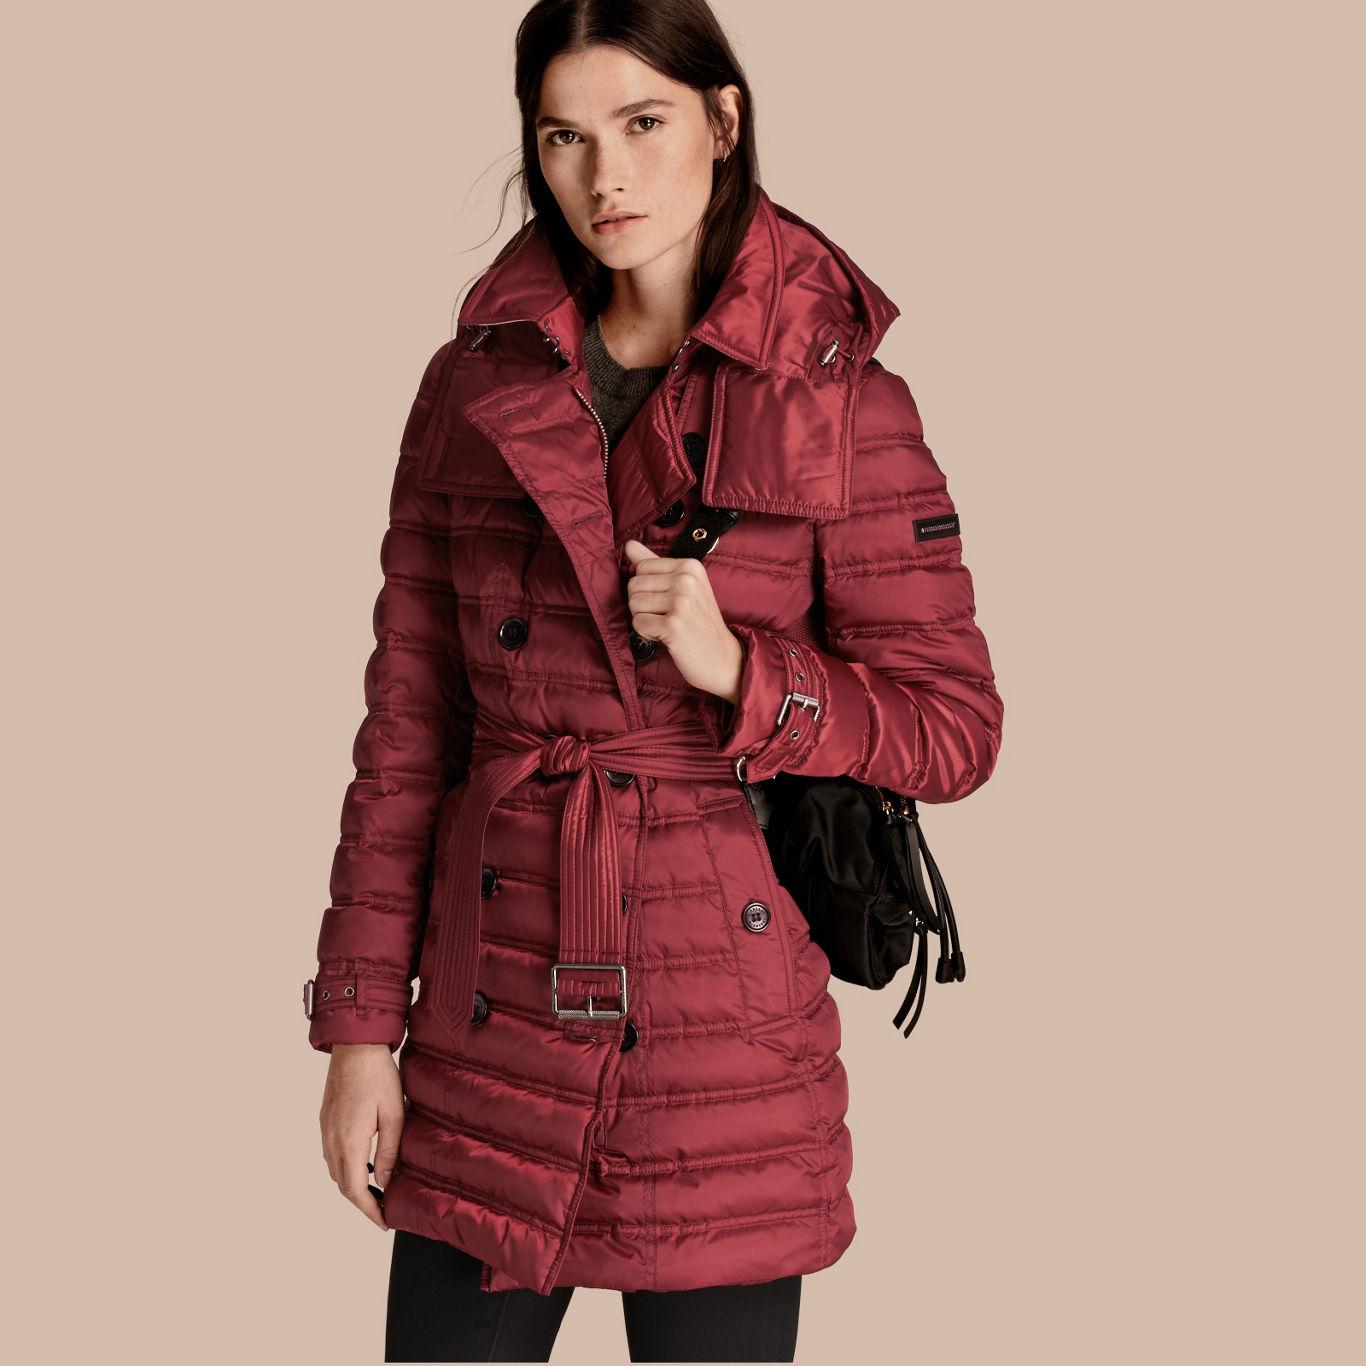 Cappotti, piumini e giacche per la Moda Inverno 2017